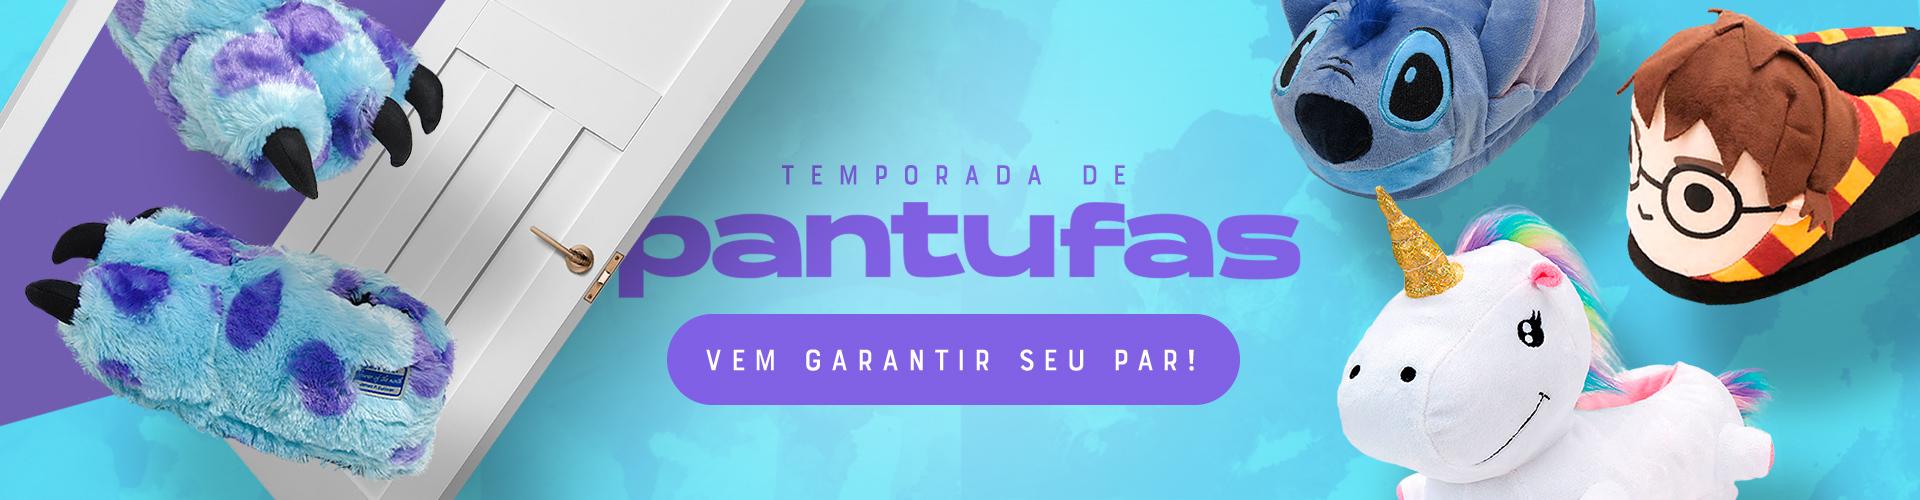 Temporada de Pantufas